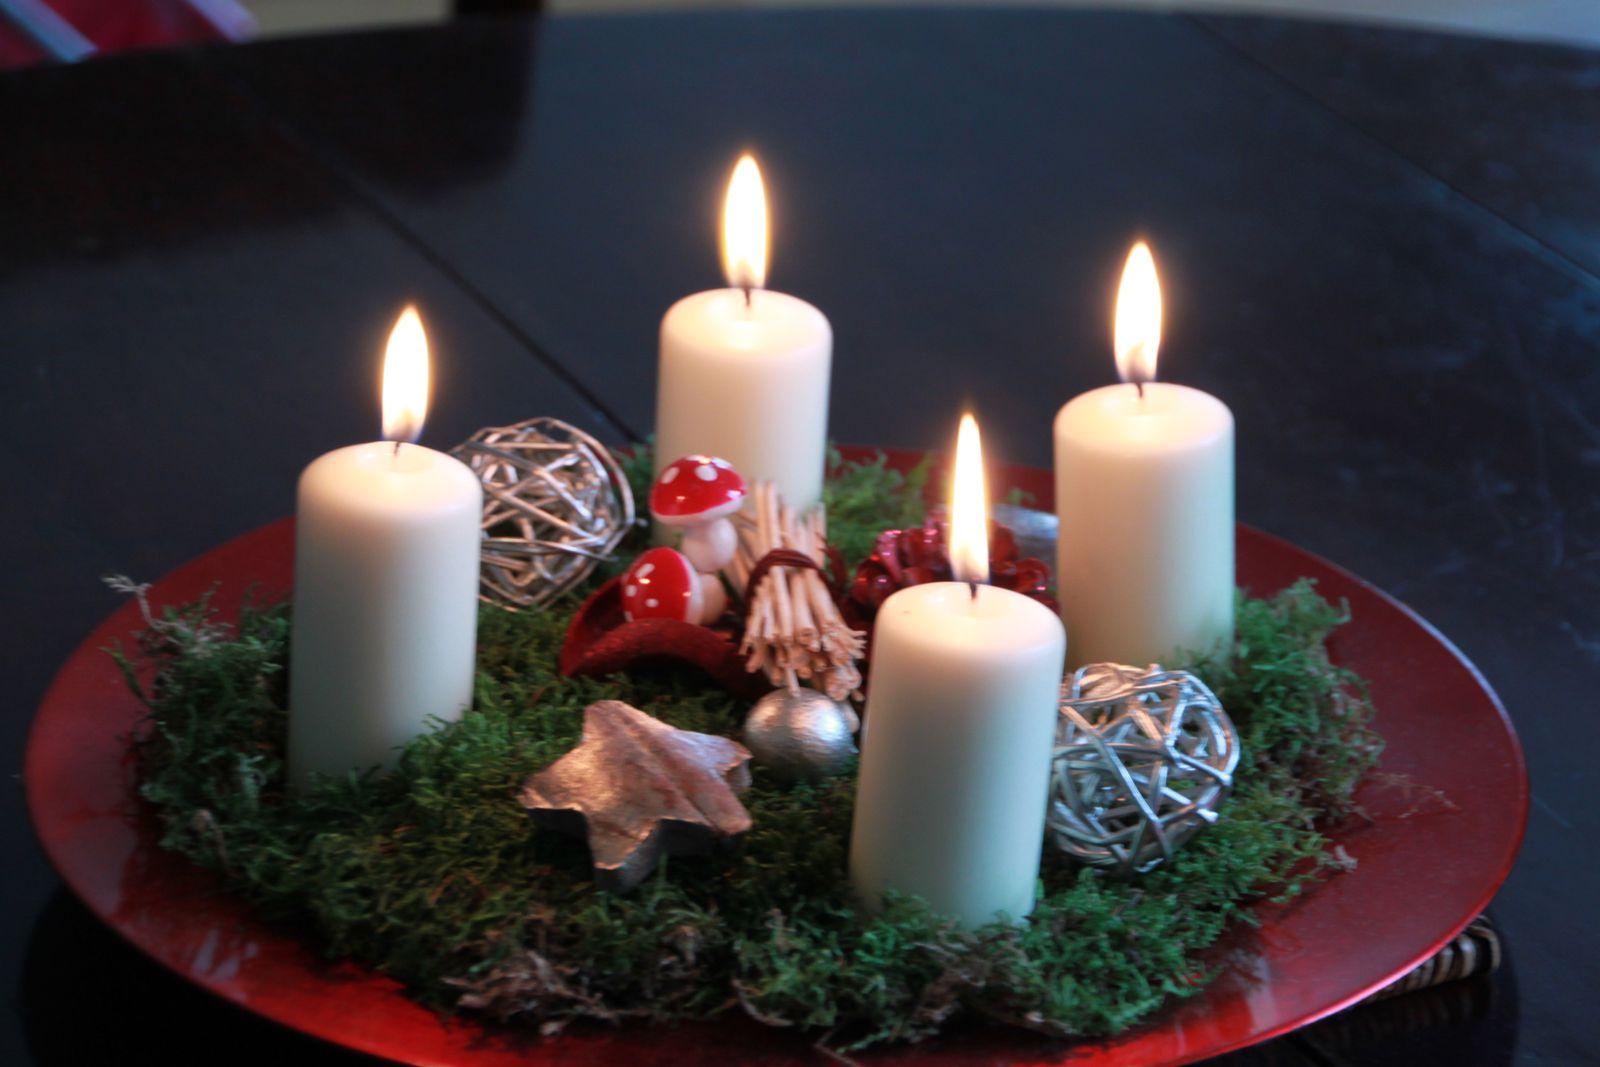 Couronne de l'Avent 2011, mousse, décorations dorées et naturelles. Ambiance rouge et blanc, avec présentation sur la table des fêtes.